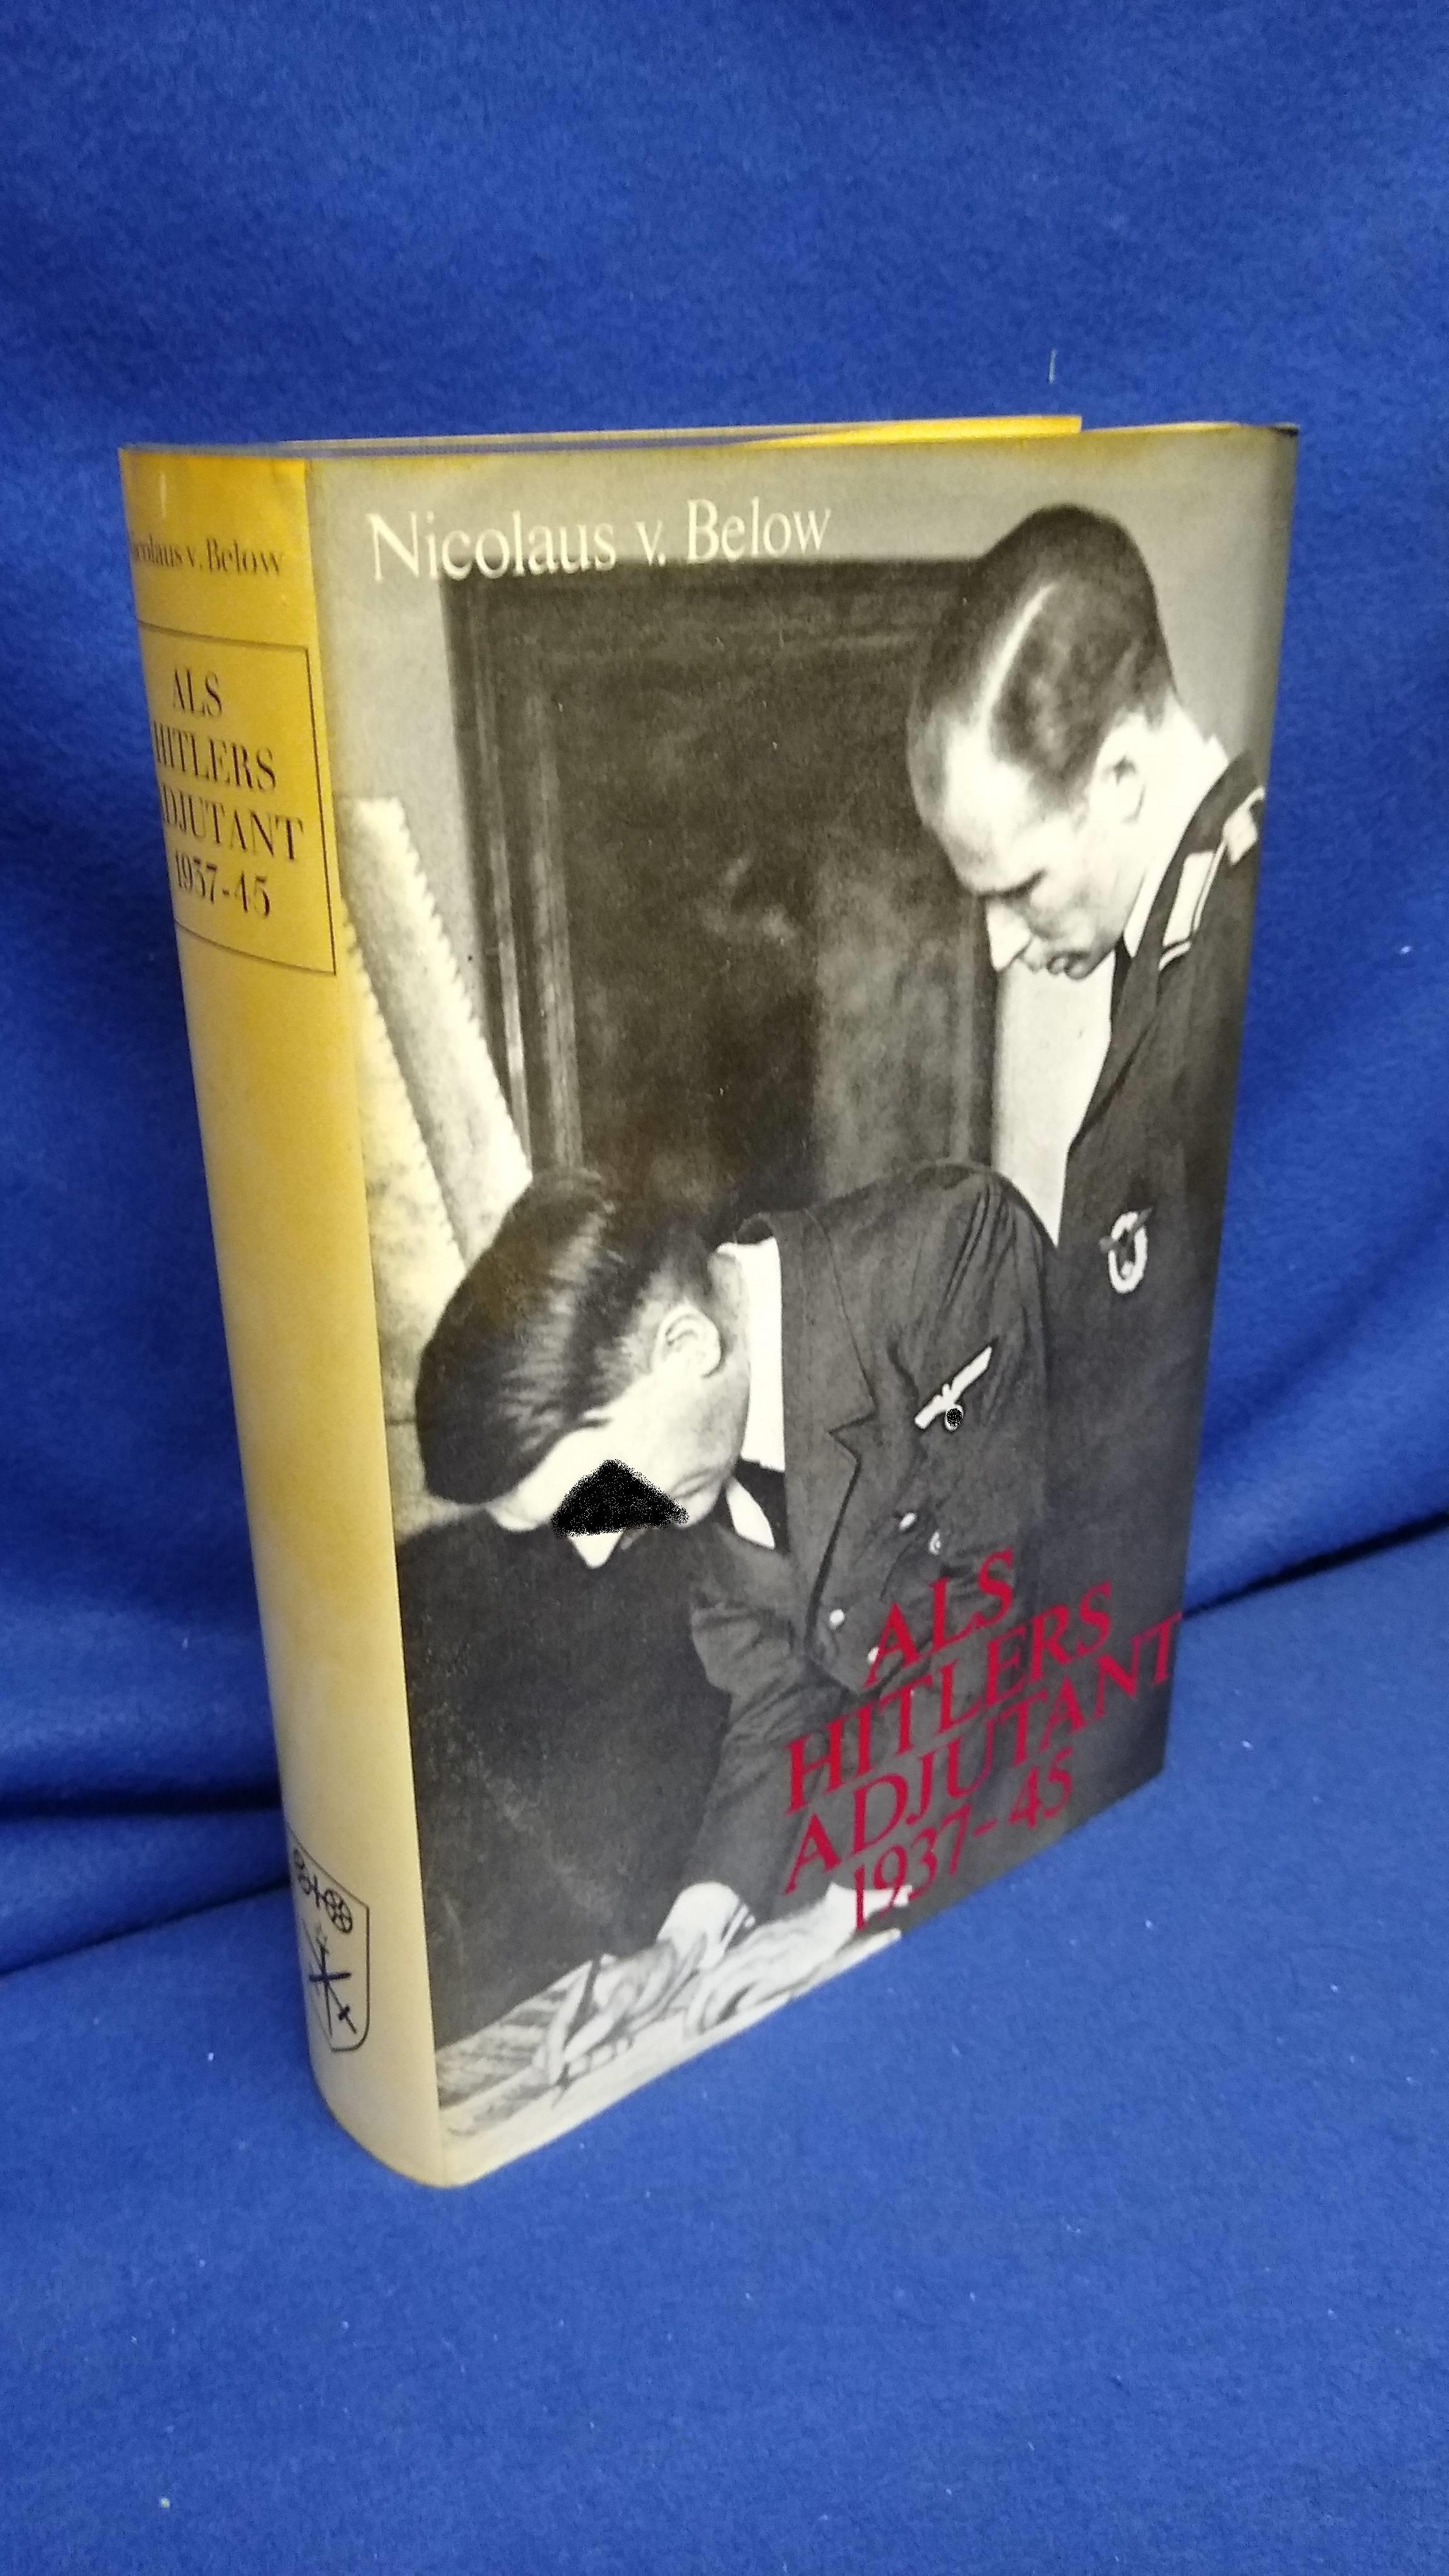 Als Hitlers Adjutant 1937-1945.